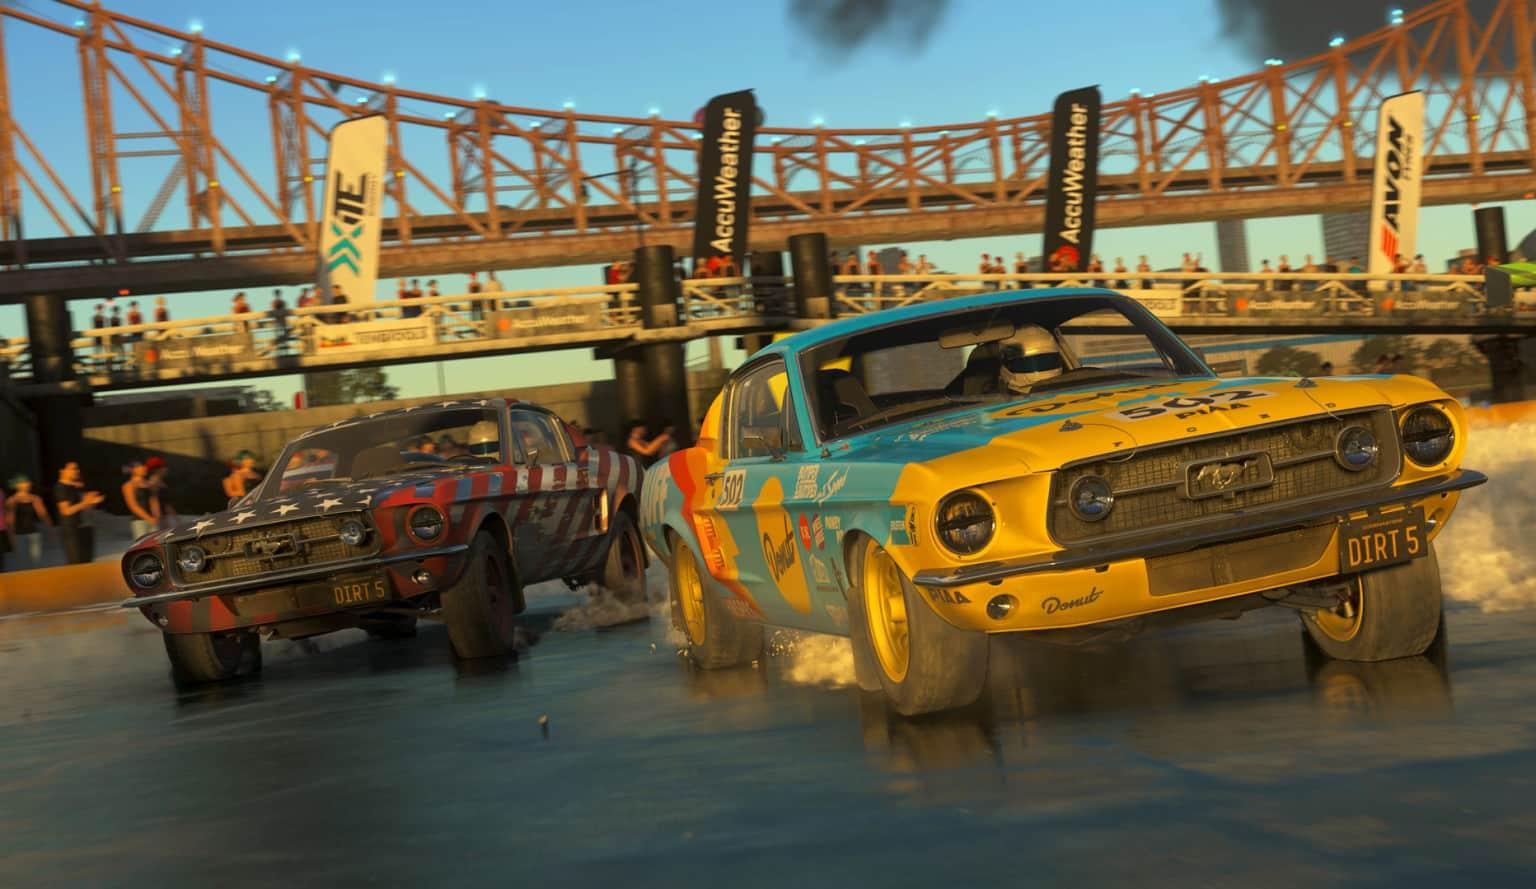 DIRT5 Xbox Series X